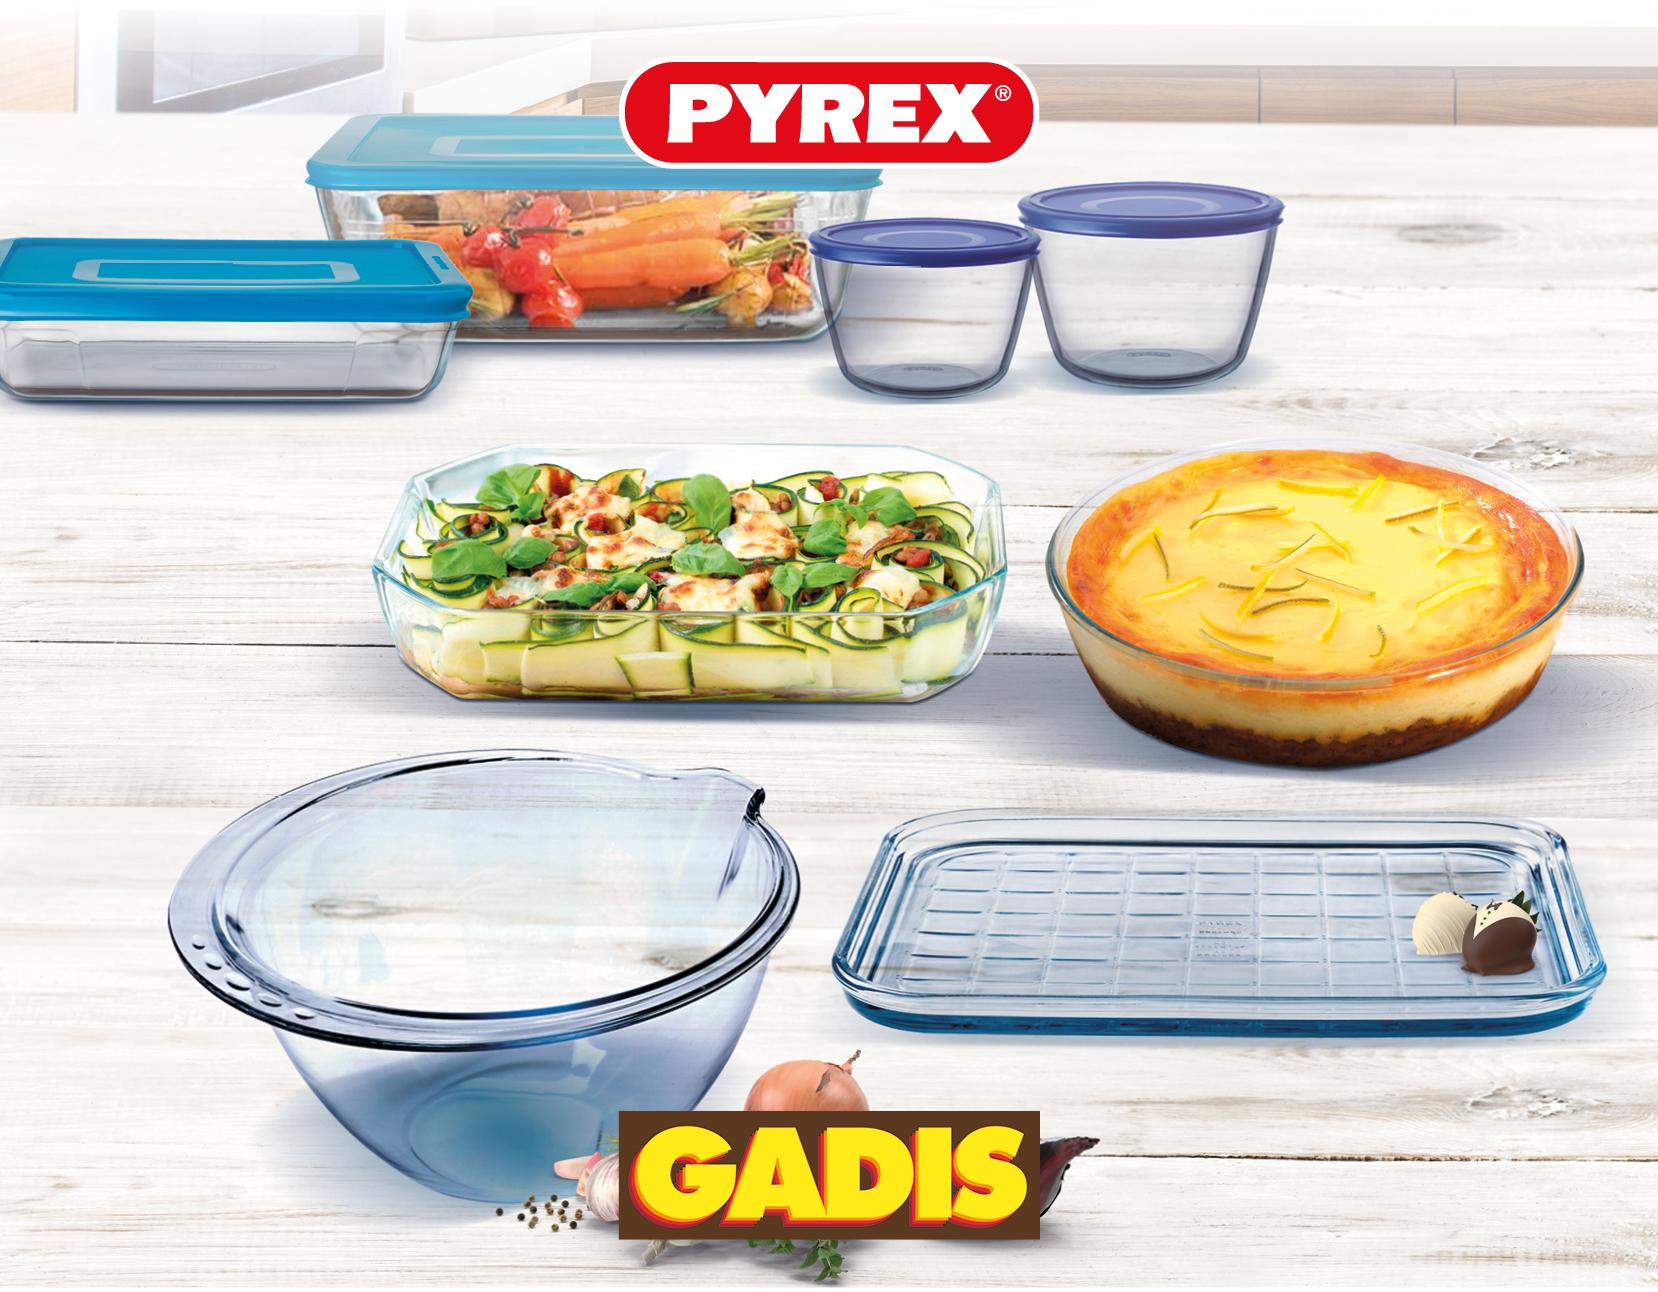 Â¡Consigue con Gadis estos recipientes Pyrex!